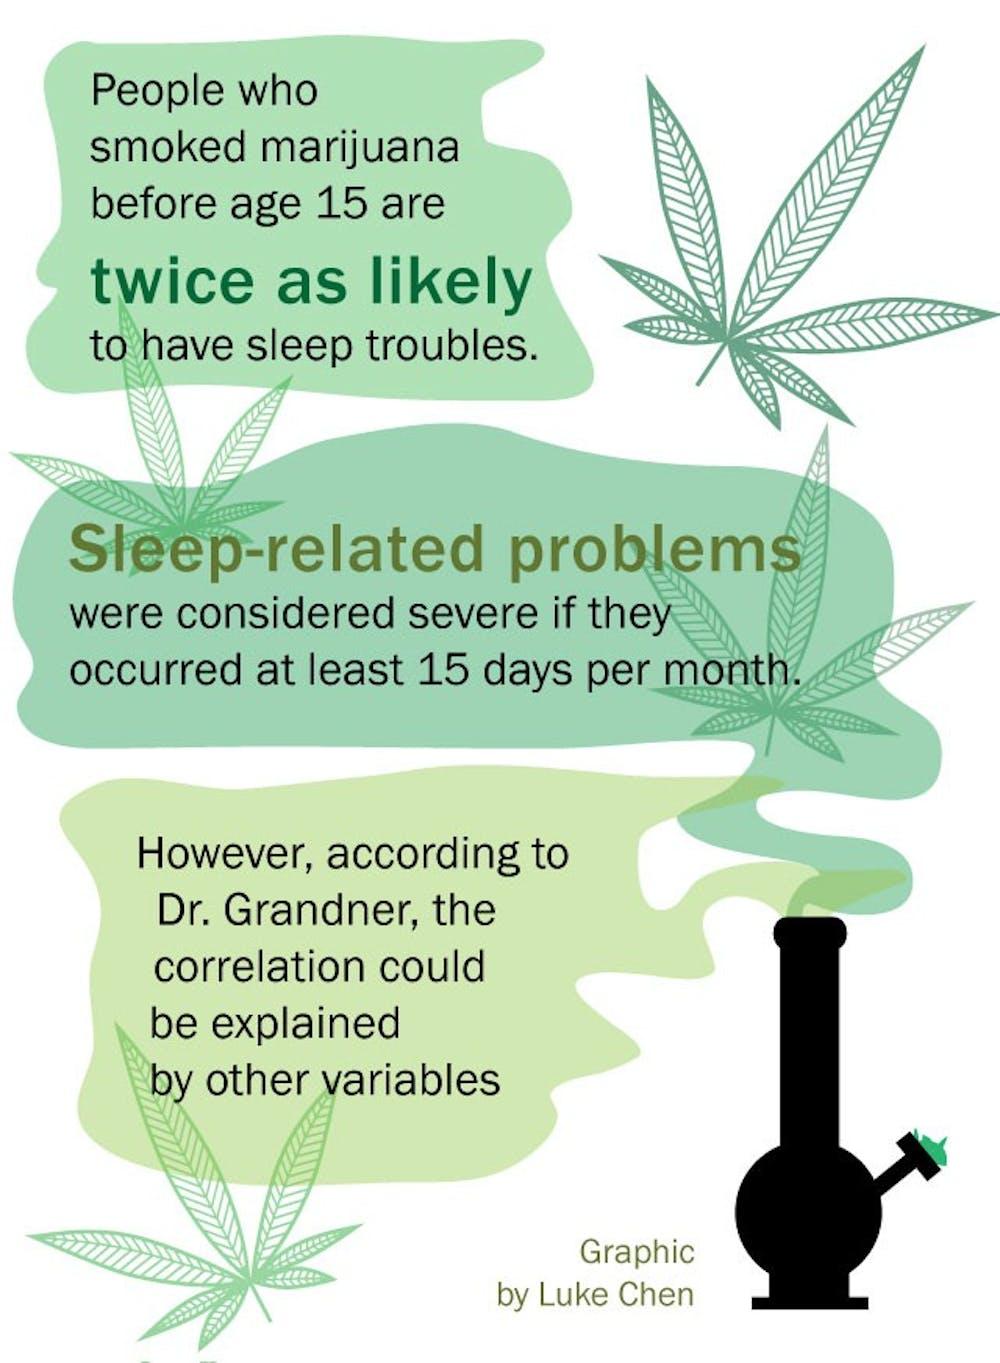 marijuanagraphic1